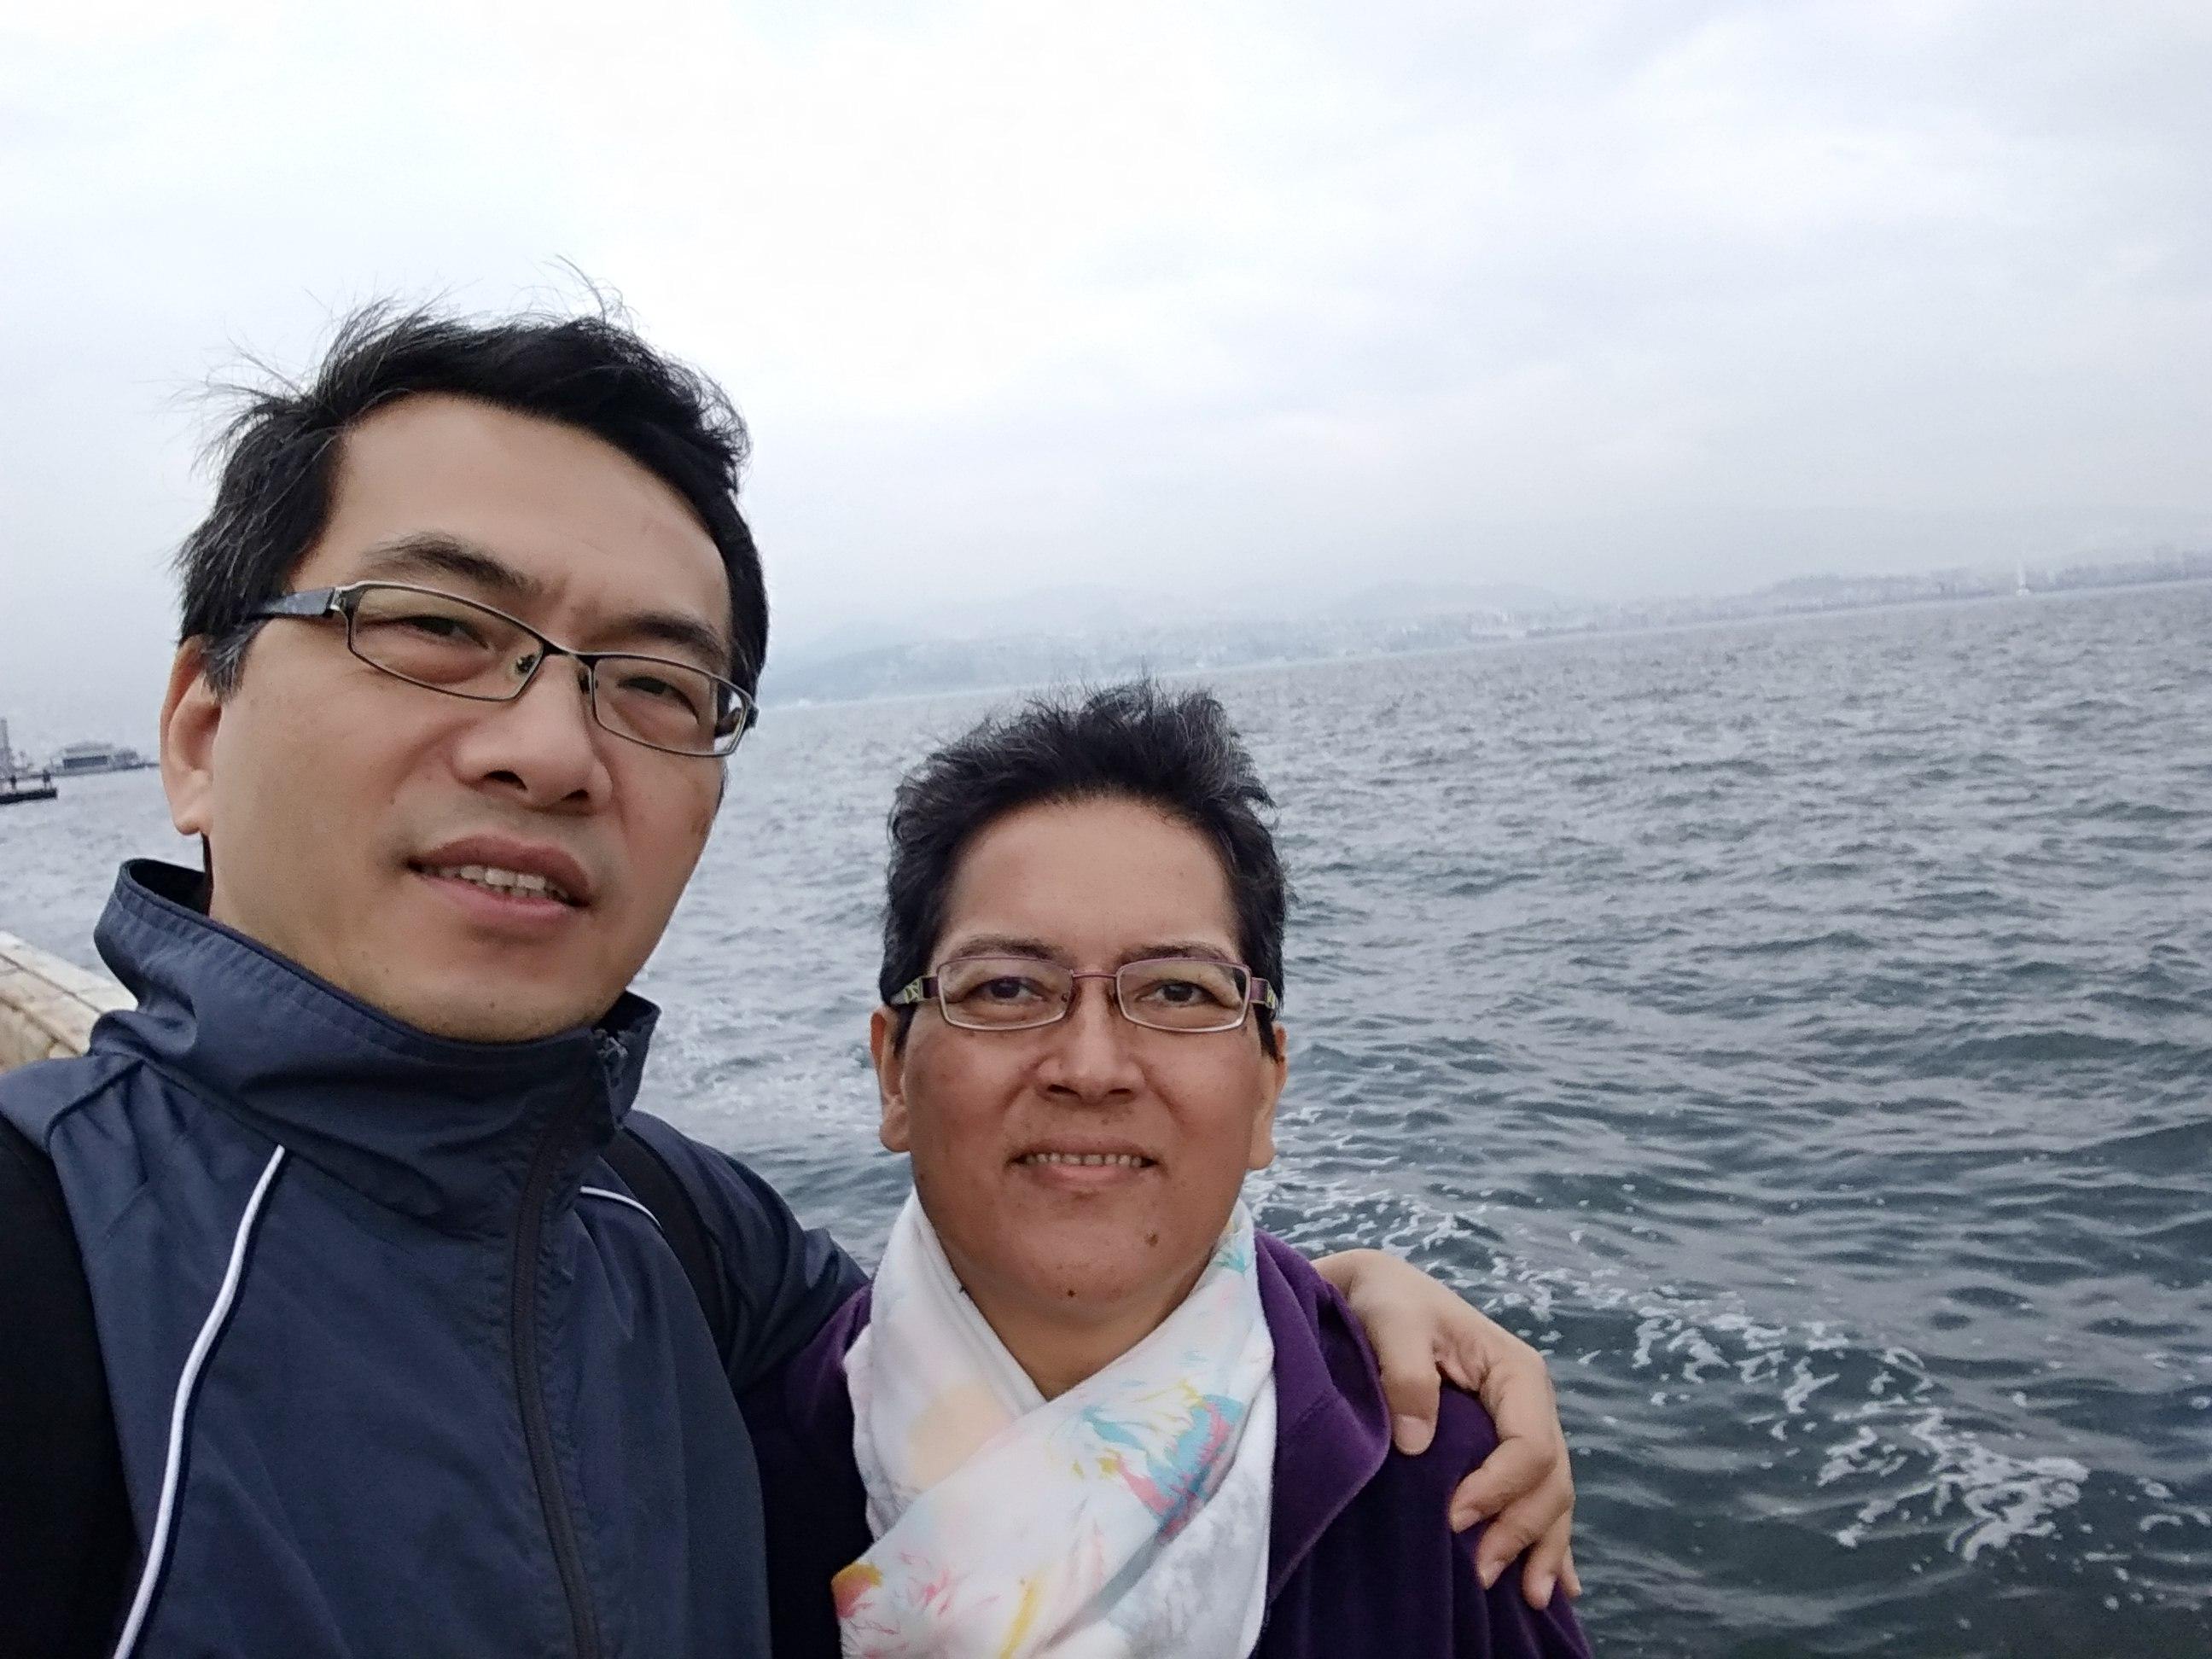 傅金源與妻子